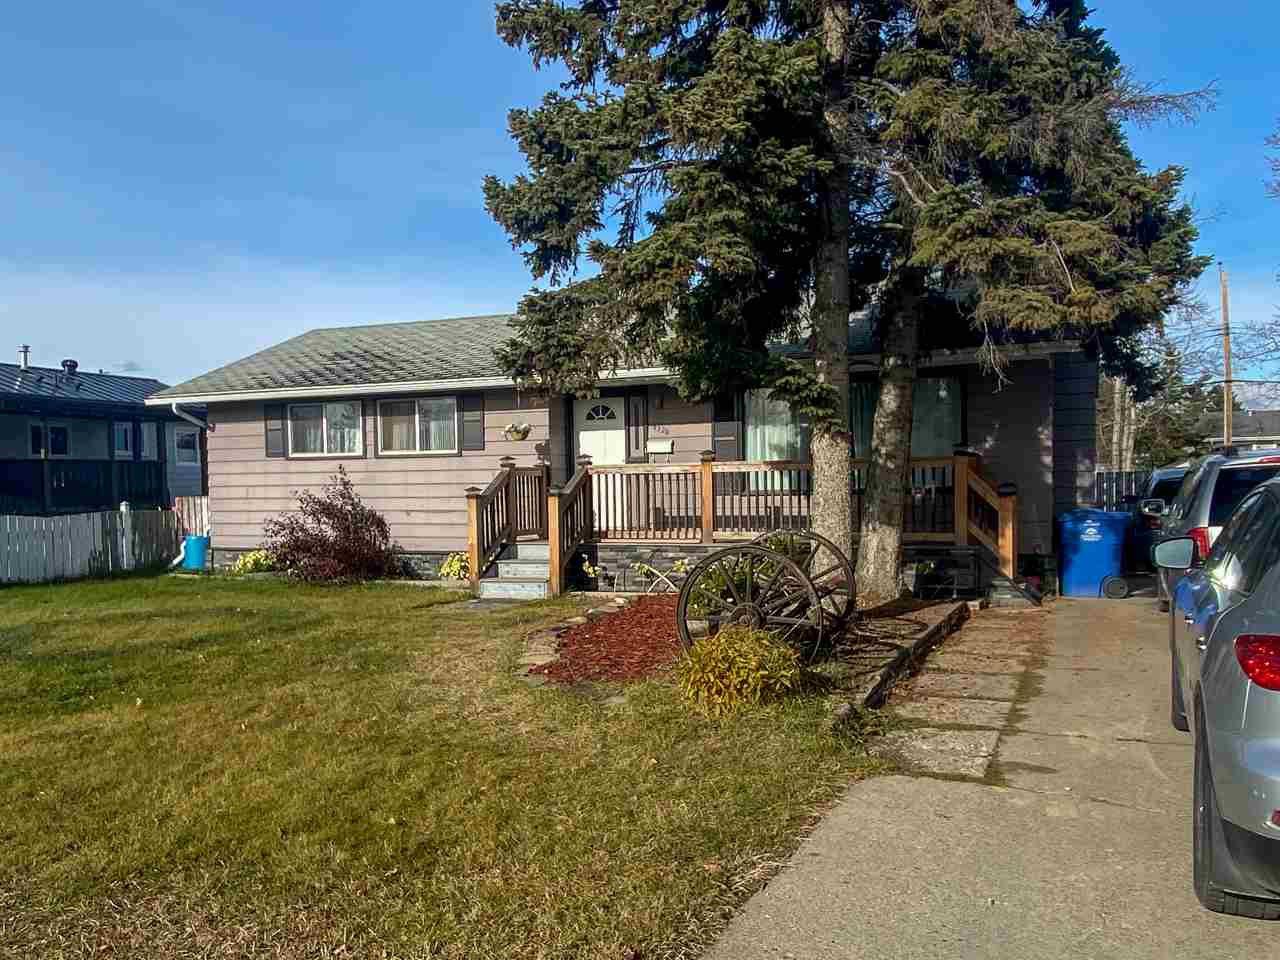 Main Photo: 9320 105 Avenue in Fort St. John: Fort St. John - City NE House for sale (Fort St. John (Zone 60))  : MLS®# R2508589